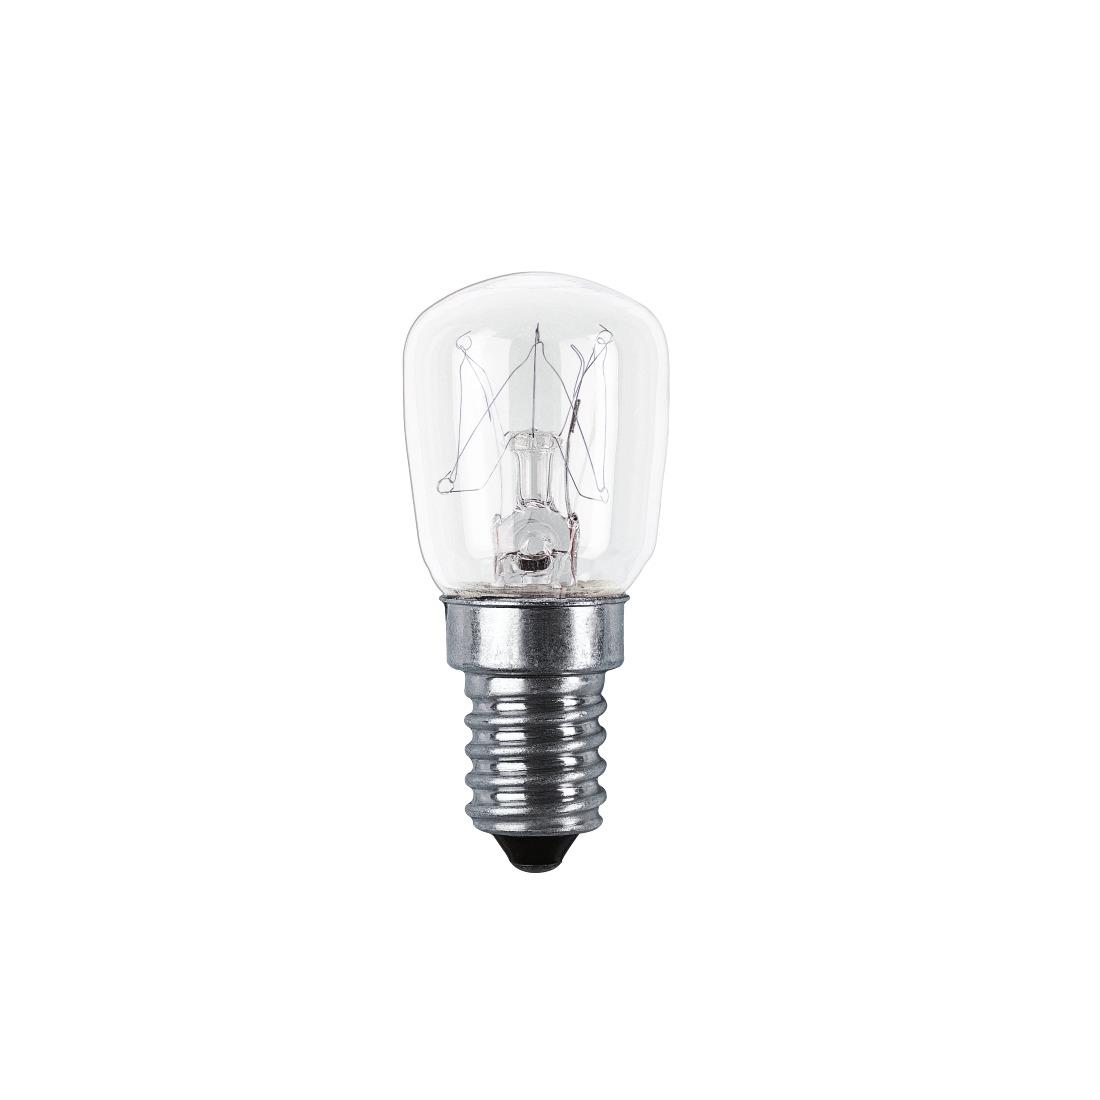 Xavax Koelkast/diepvrieslamp 25W E14 peervorm helder koelkast accessoire